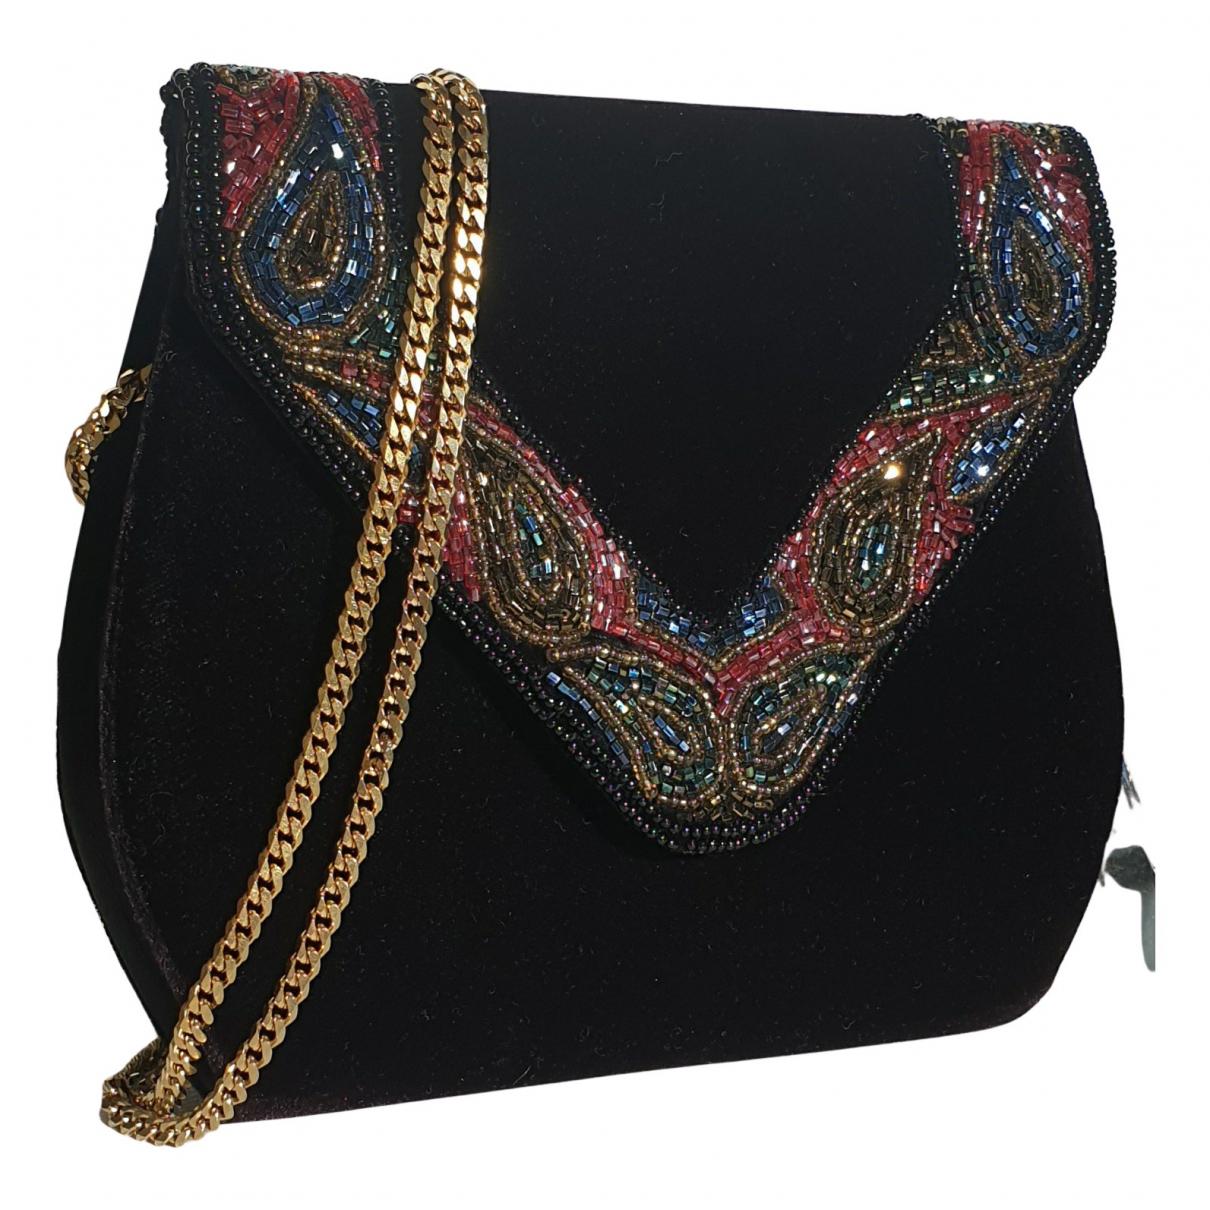 Dior - Sac a main   pour femme en velours - noir